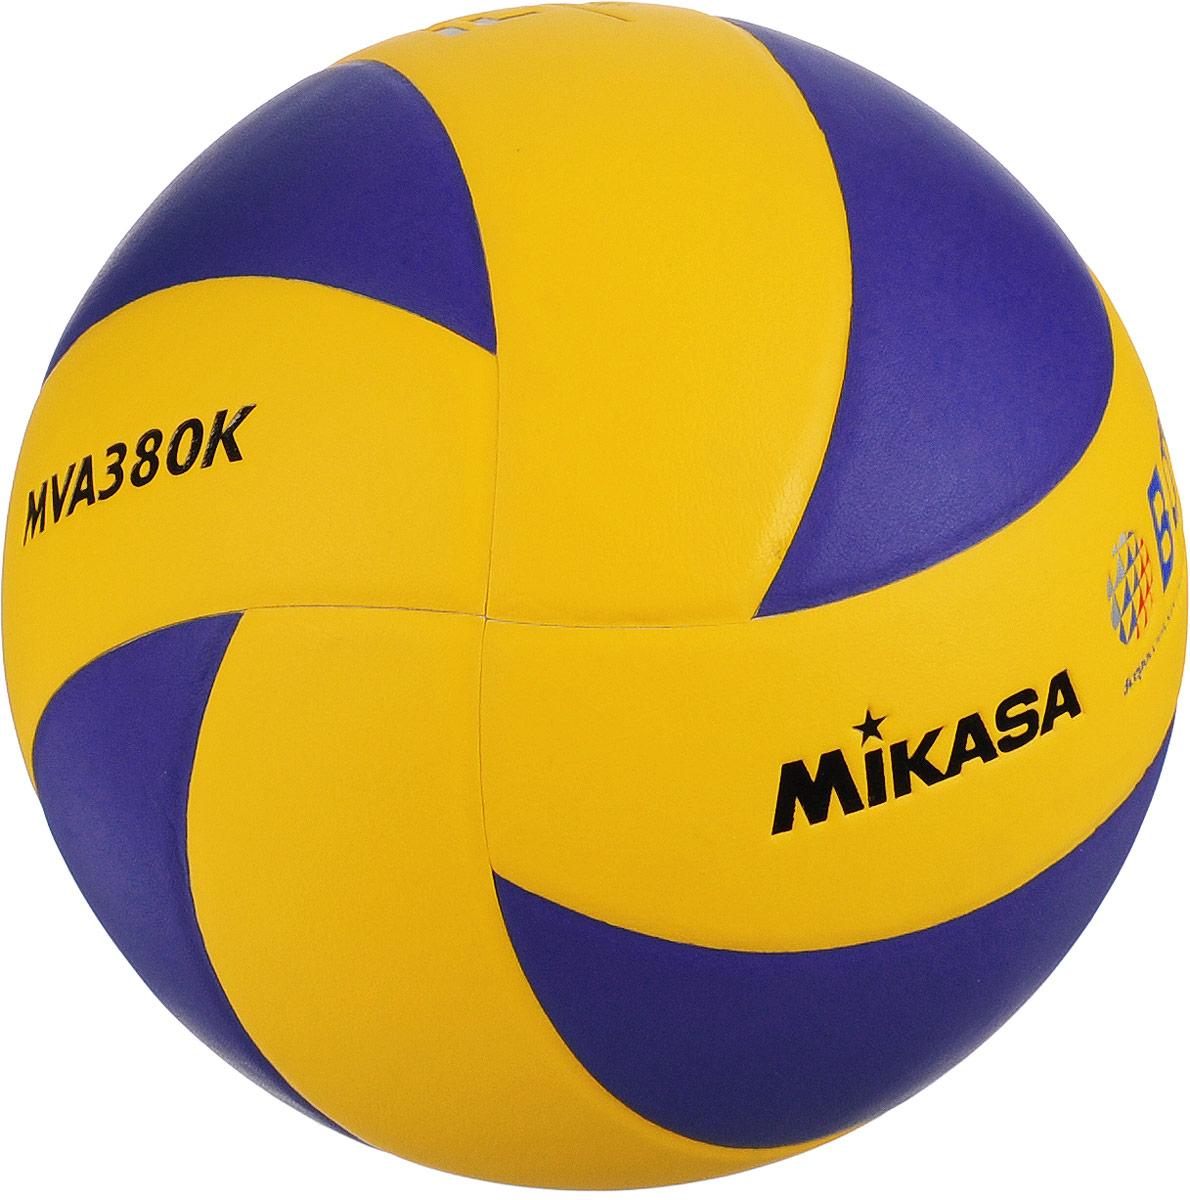 Мяч волейбольный Mikasa MVA 380K. Размер 5УТ-00005647Mikasa MVA 380K- этотренировочный и любительский мяч для тех, кто хочет играть в течение длительного времени настоящим брендовым мячом. Мяч состоит из 8 панелей, выполненных из синтетической кожи (поливинилхлорид). Камера выполнена из бутила и армирована нейлоновой нитью.УВАЖЕМЫЕ КЛИЕНТЫ!Обращаем ваше внимание на тот факт, что мяч поставляется в сдутом виде. Насос в комплект не входит.